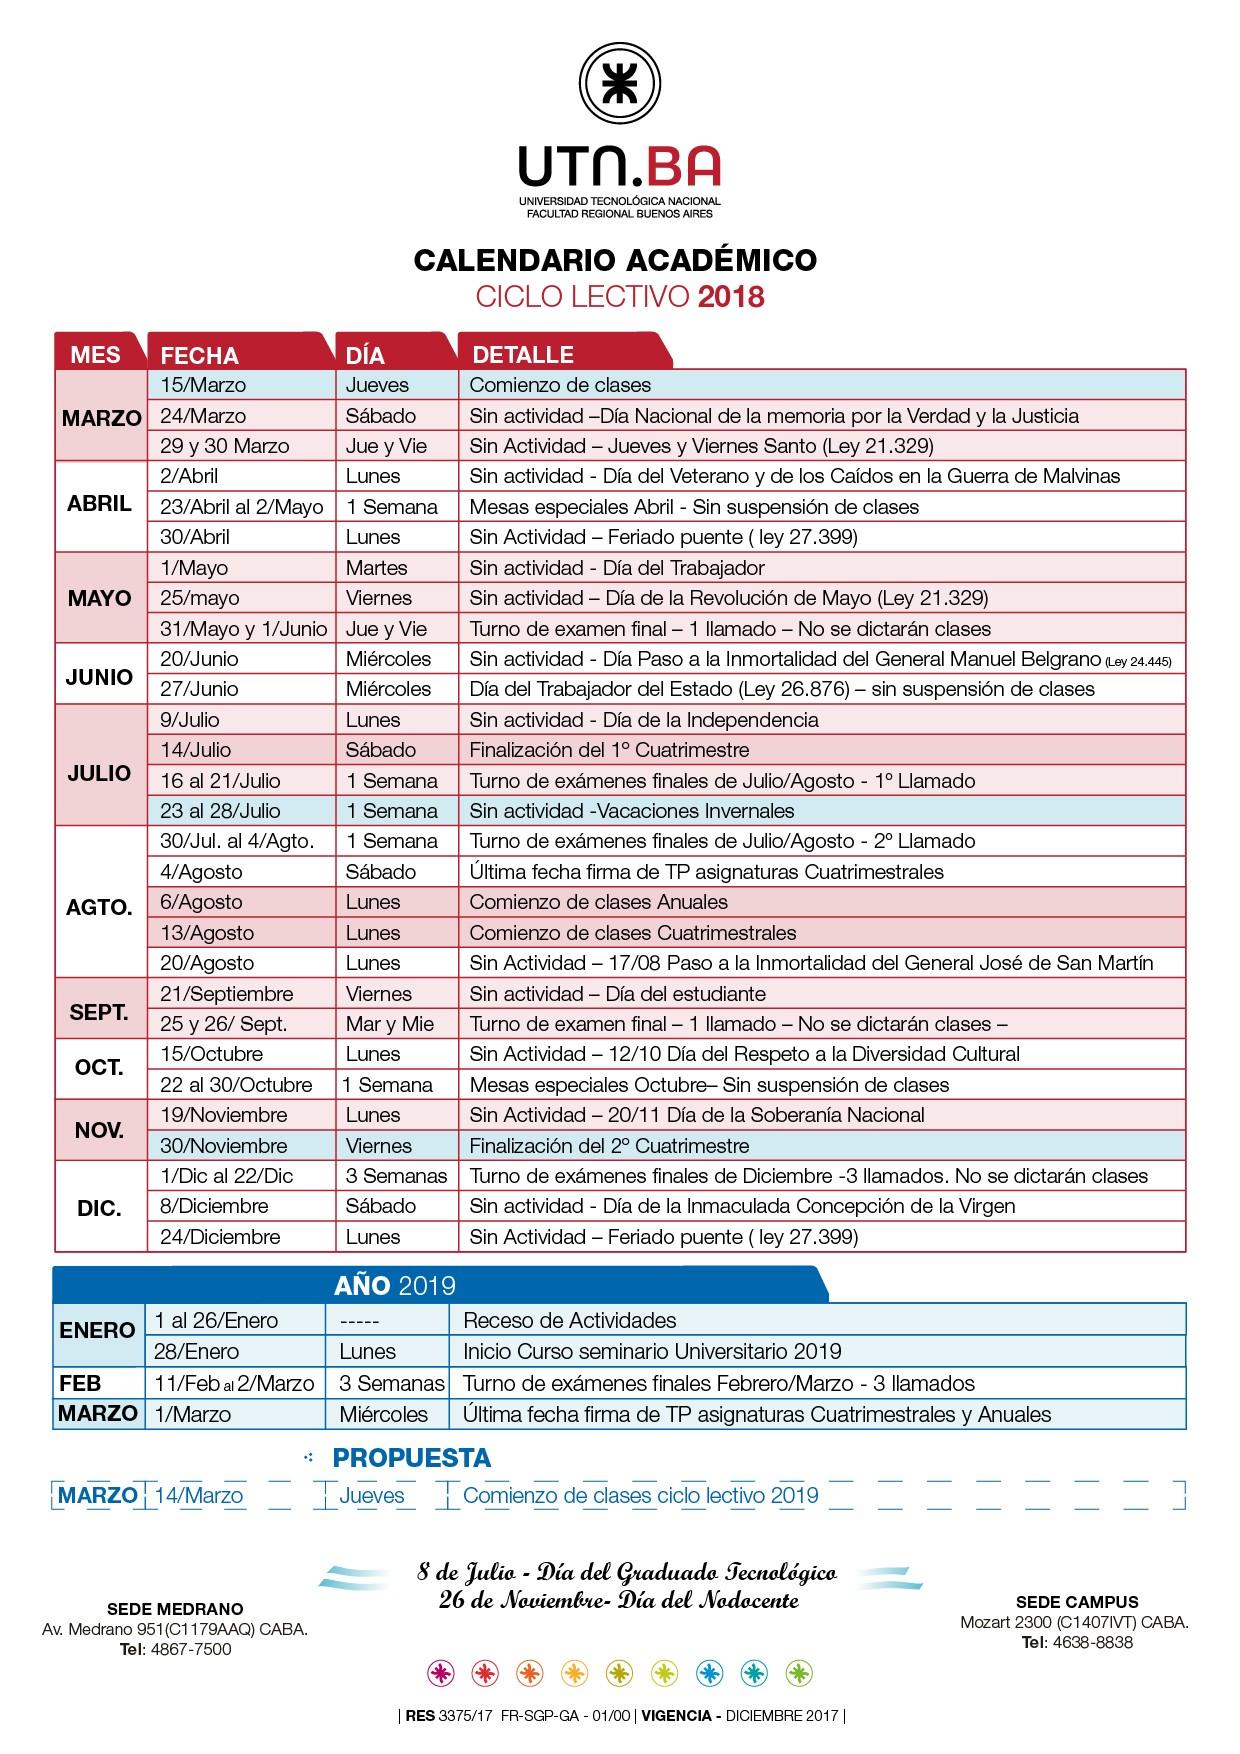 Inicio Calendario Escolar 2019 Actual Calendario Académico Utn Ba Of Inicio Calendario Escolar 2019 Mejores Y Más Novedosos El Centro Alojaweb